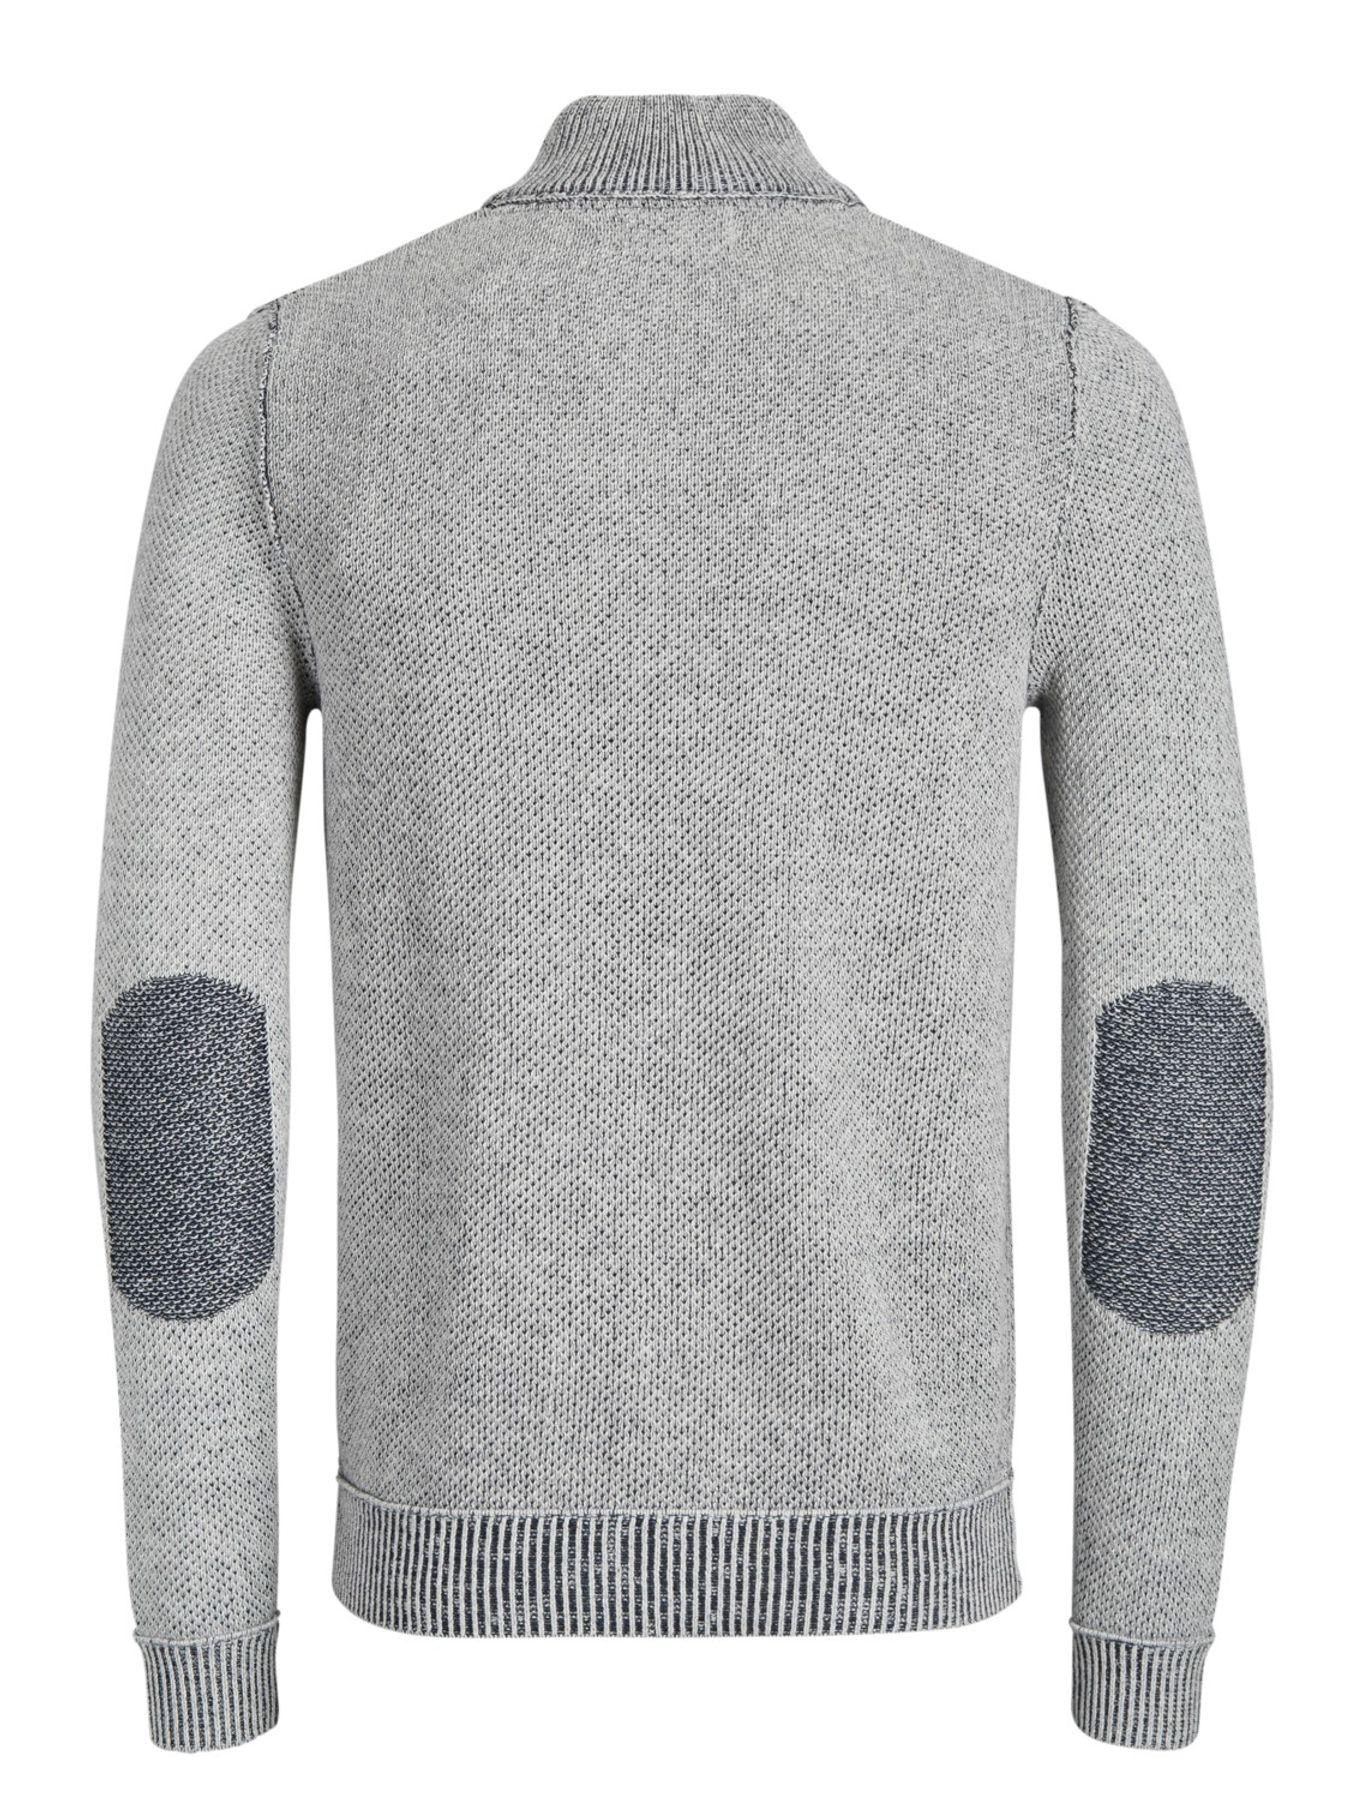 Jack & Jones - Herren Pullover aus 100% Baumwolle,  JORKAIDEN KNIT HIGH NECK (12141080) – Bild 2